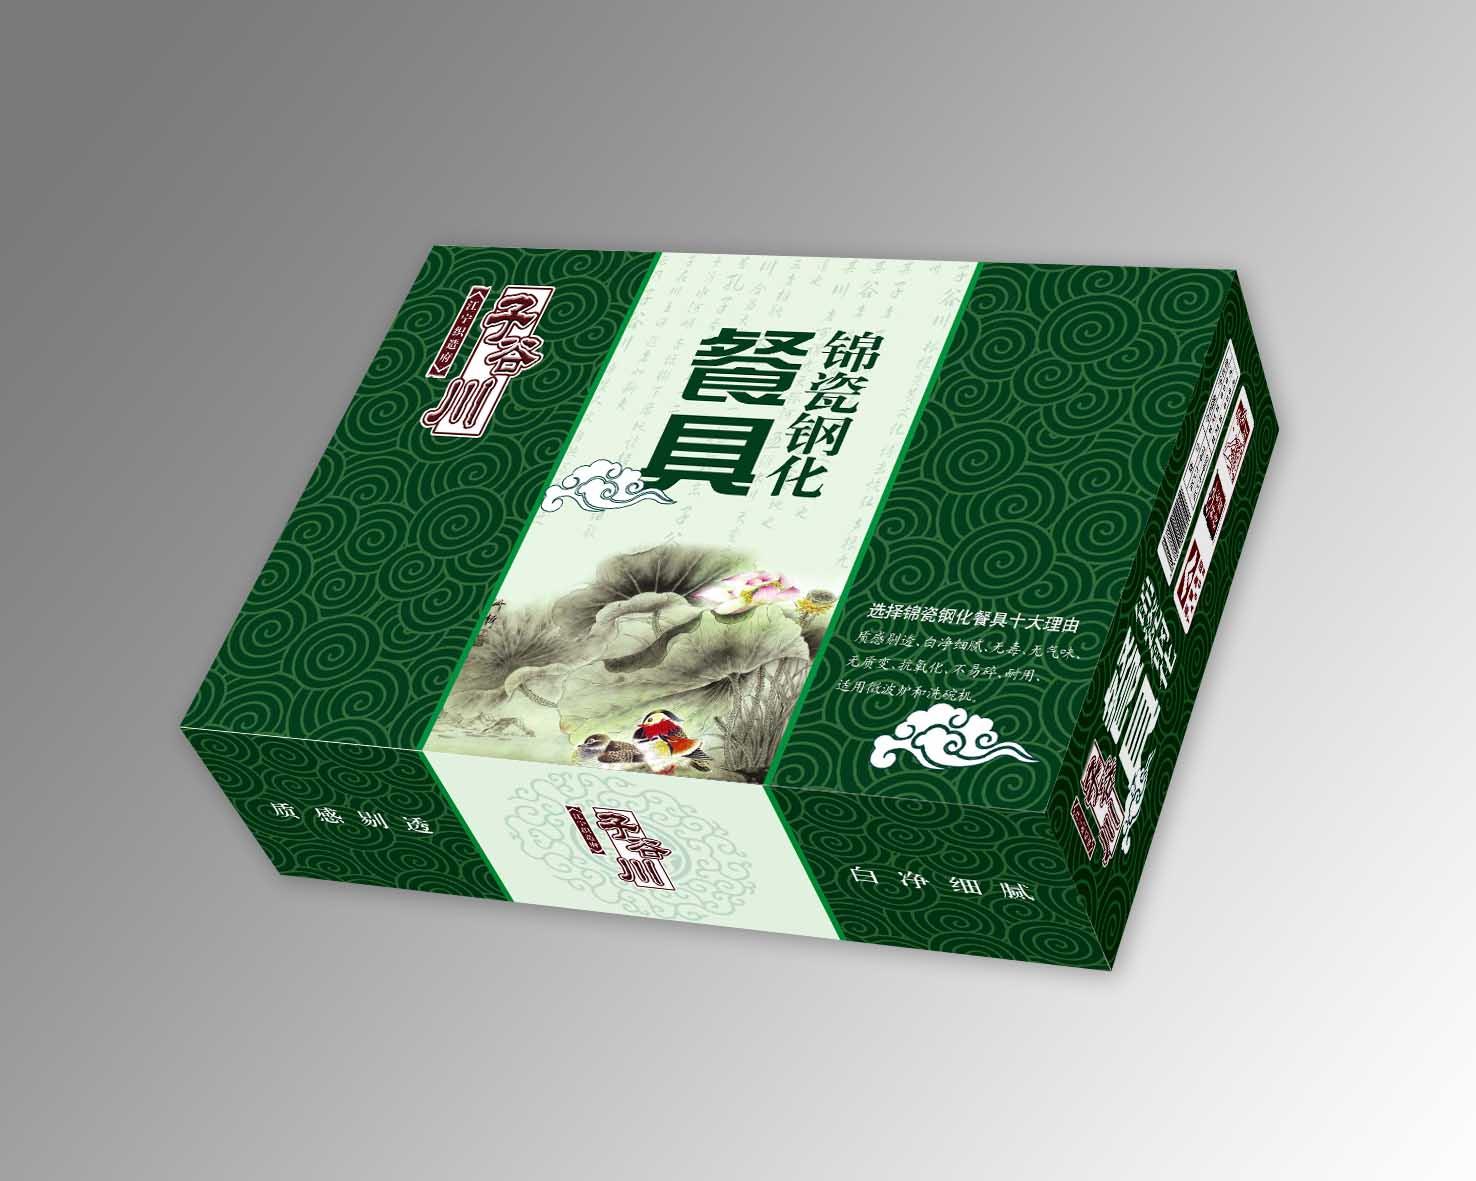 彩色纸箱厂;; 餐具青花陶瓷贡被日用品包装盒设计